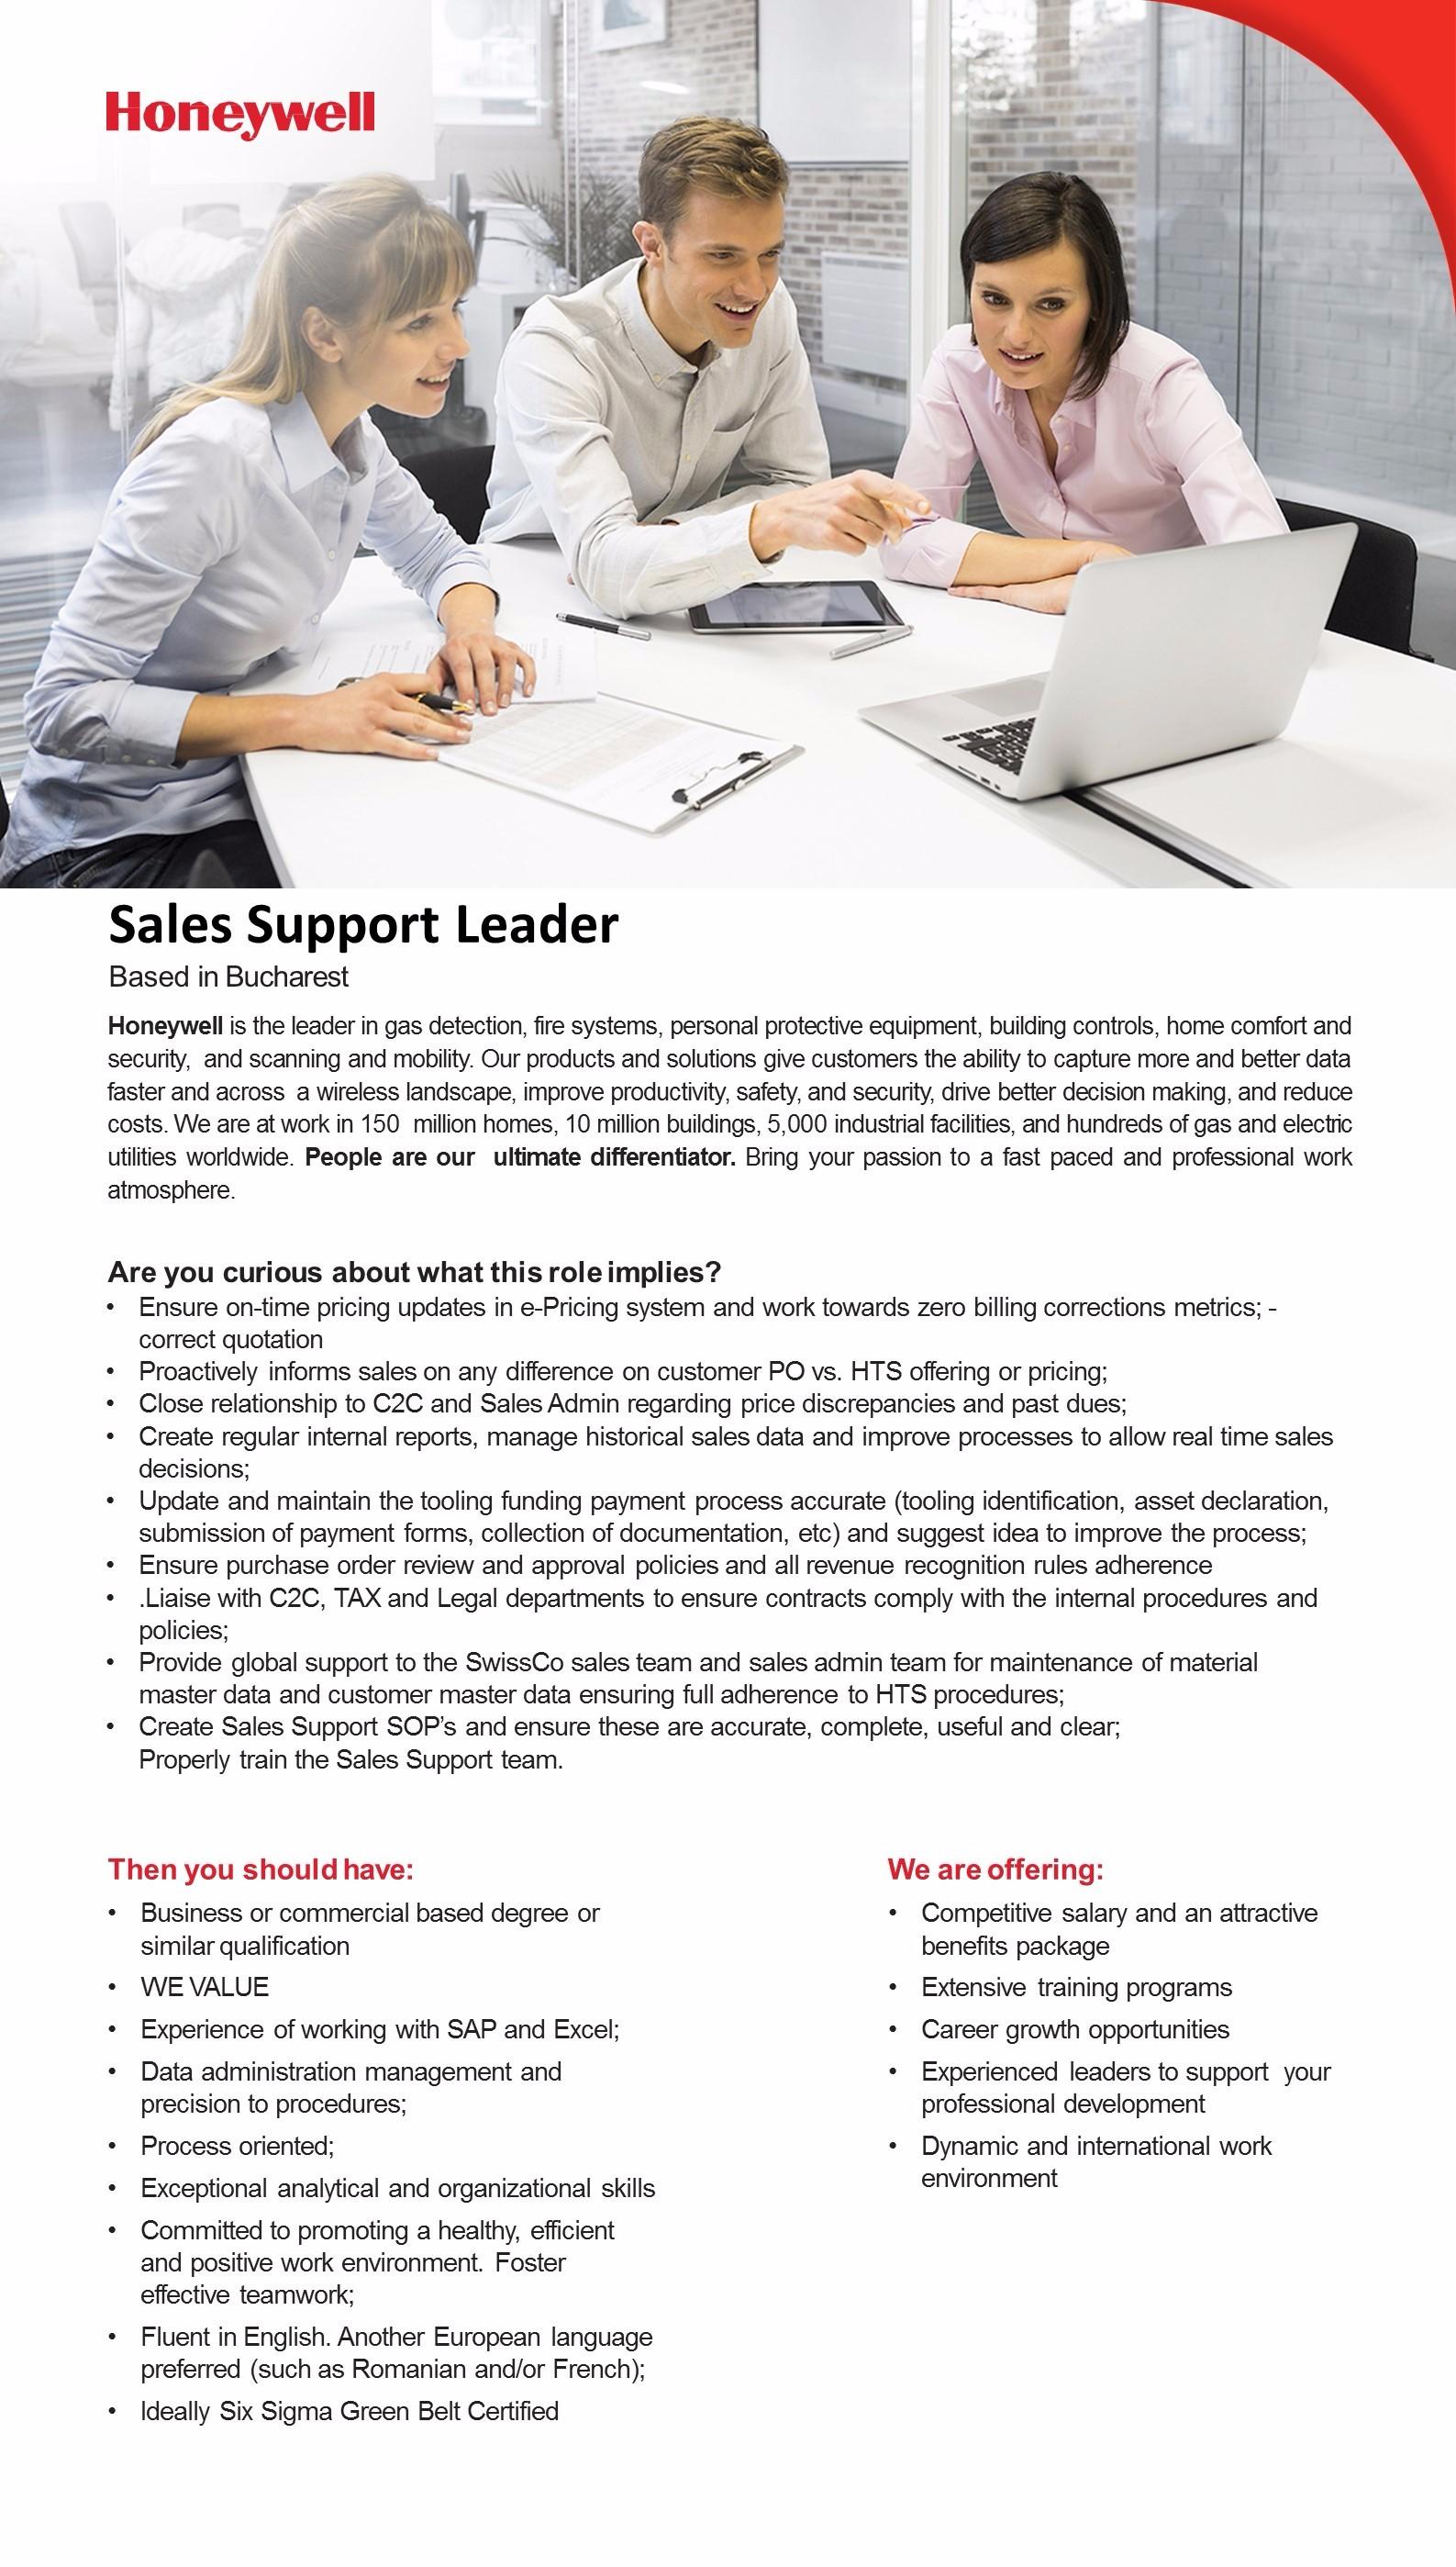 Sales Support Leader